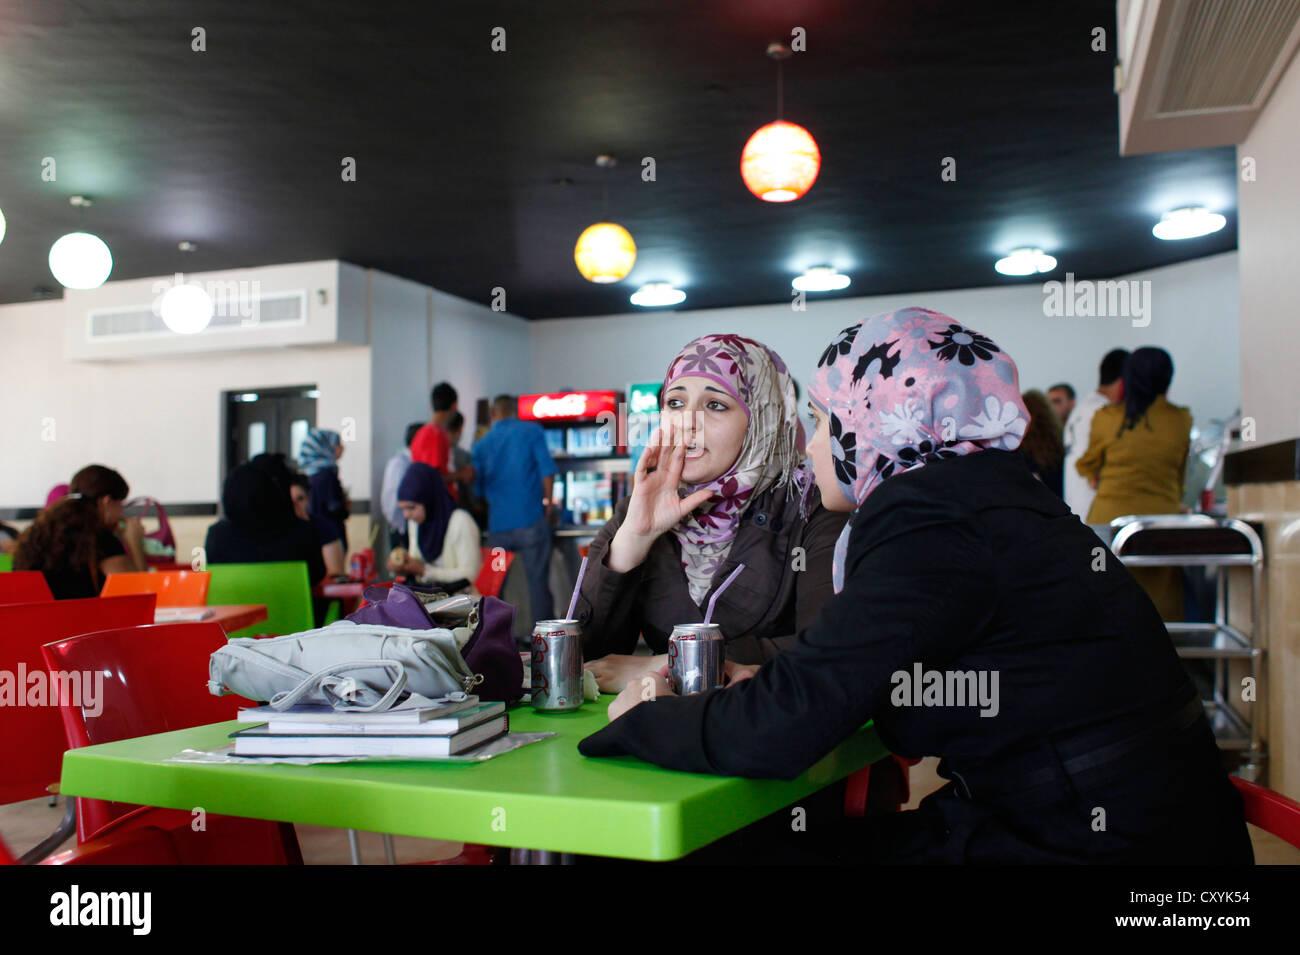 Gli studenti palestinesi nella caffetteria di Al Quds university di Abu Dis una città Palestinese in Gerusalemme Immagini Stock